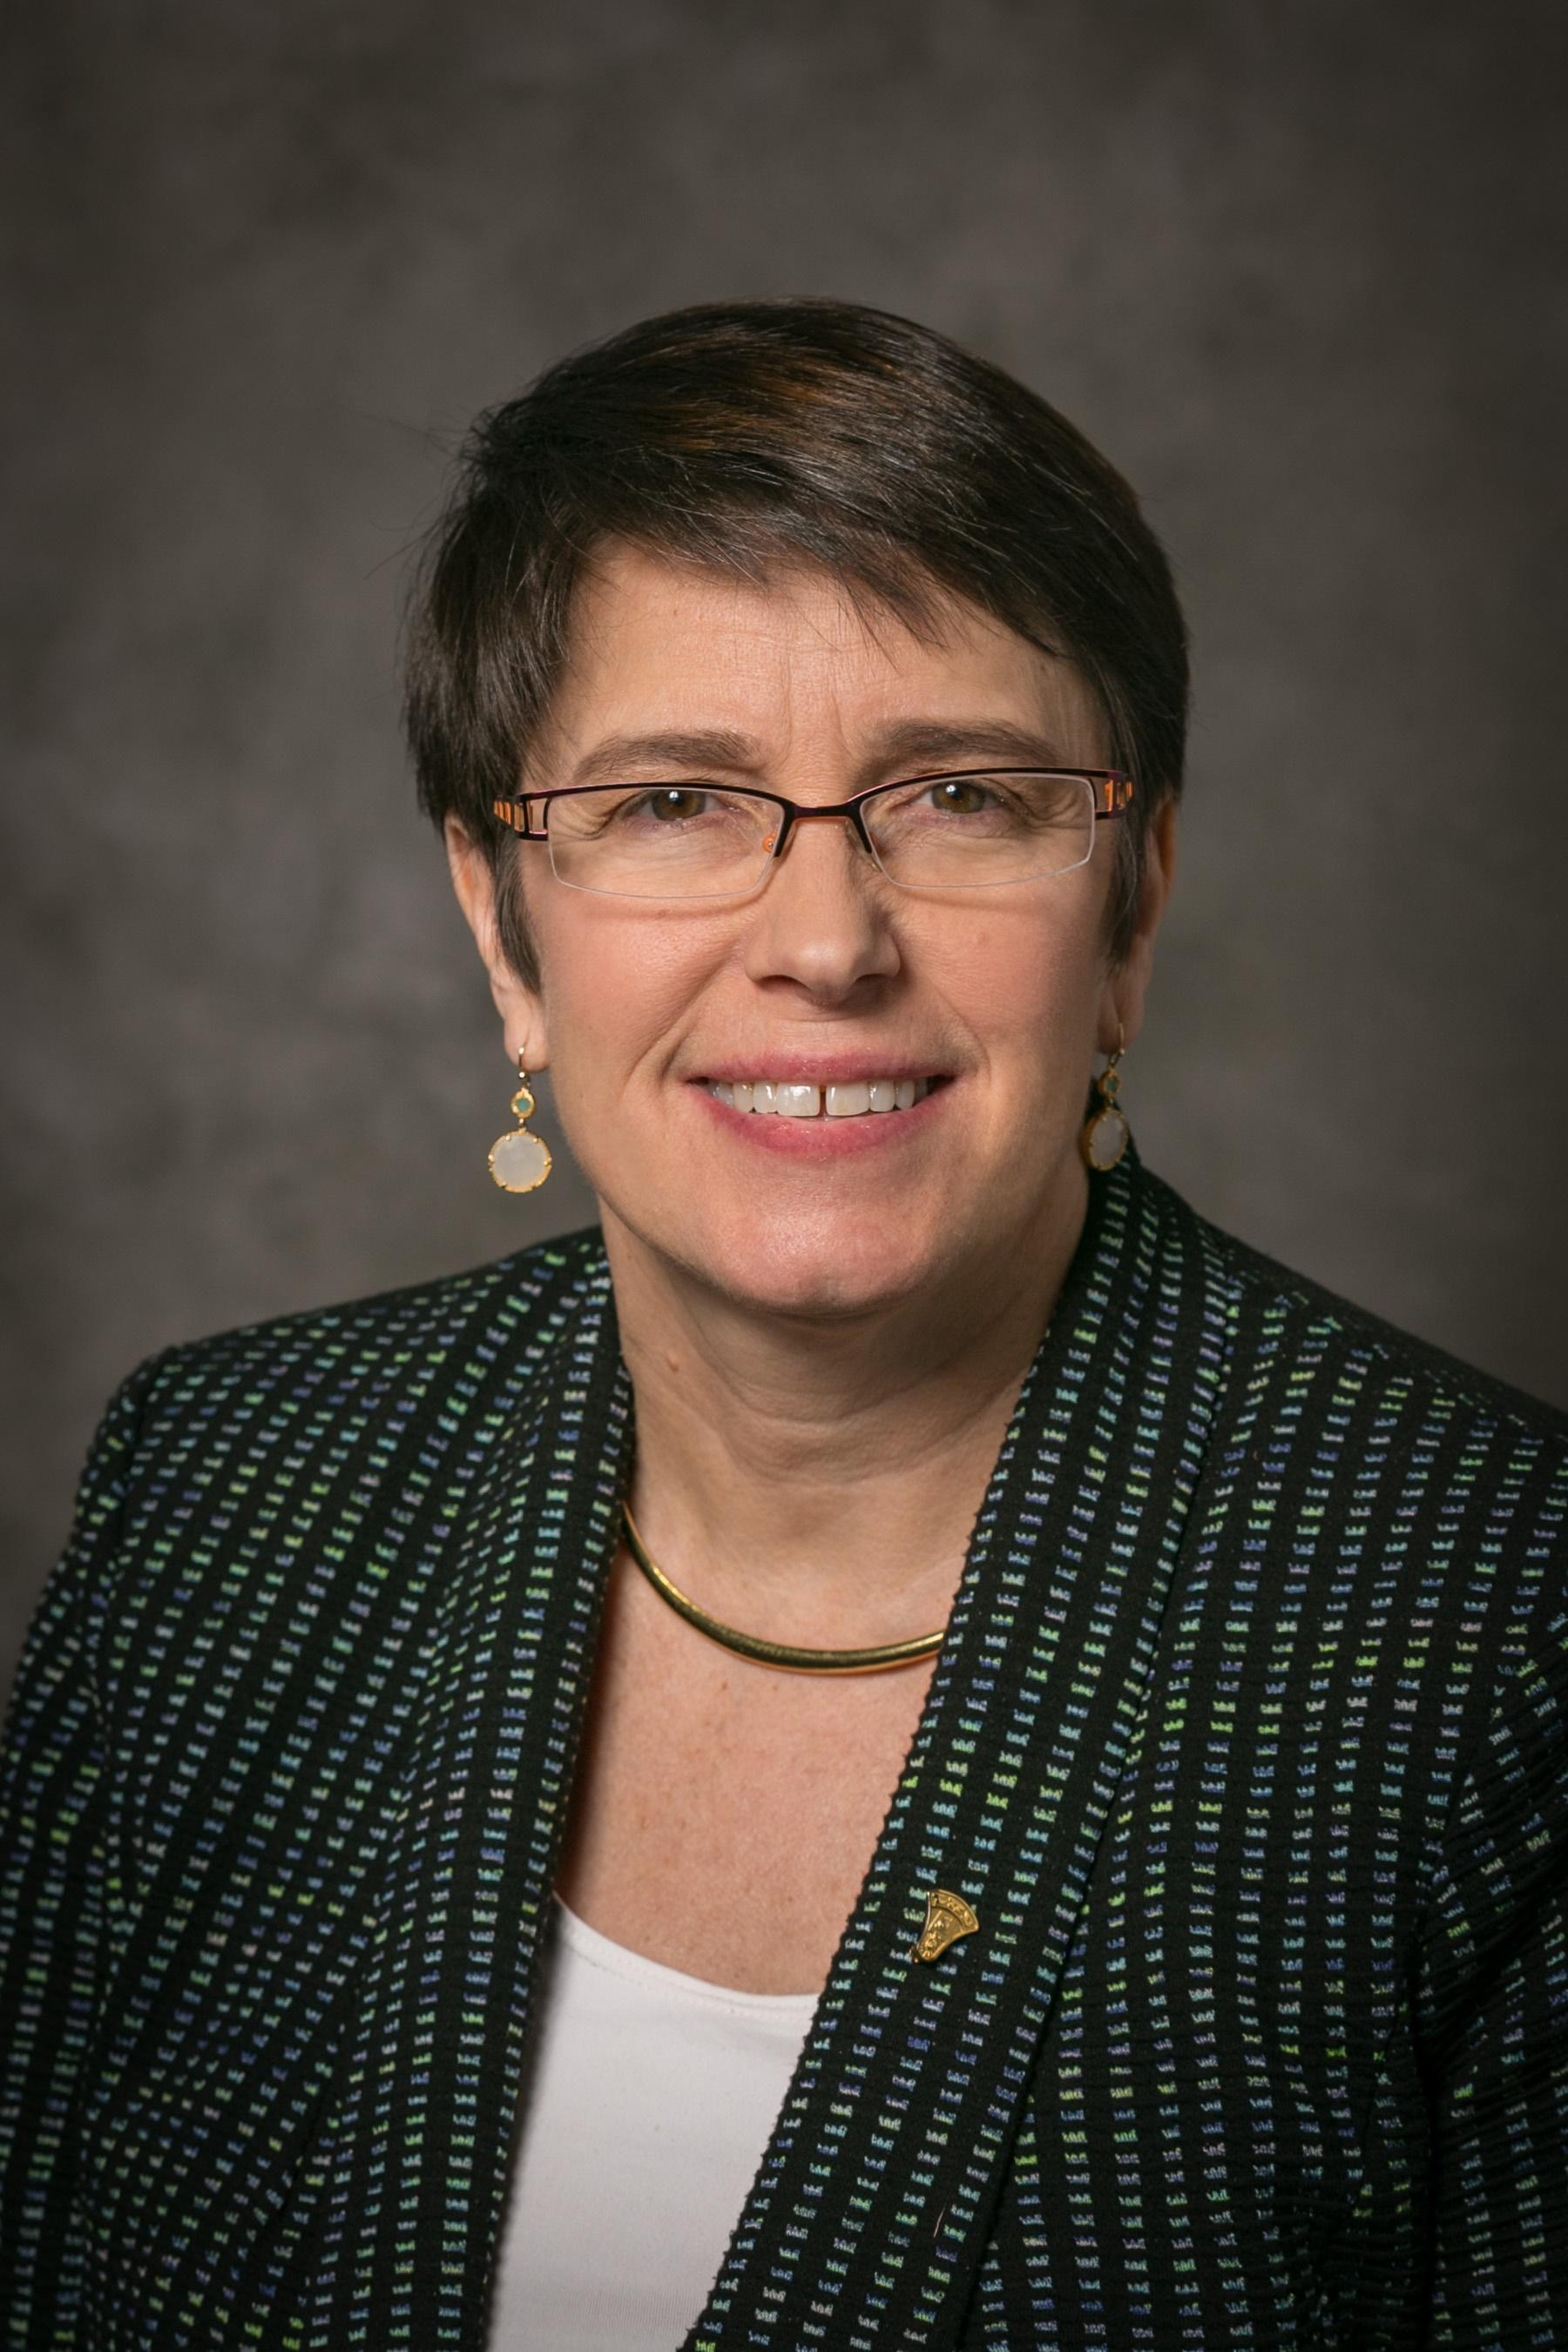 Cathy O'Riordan